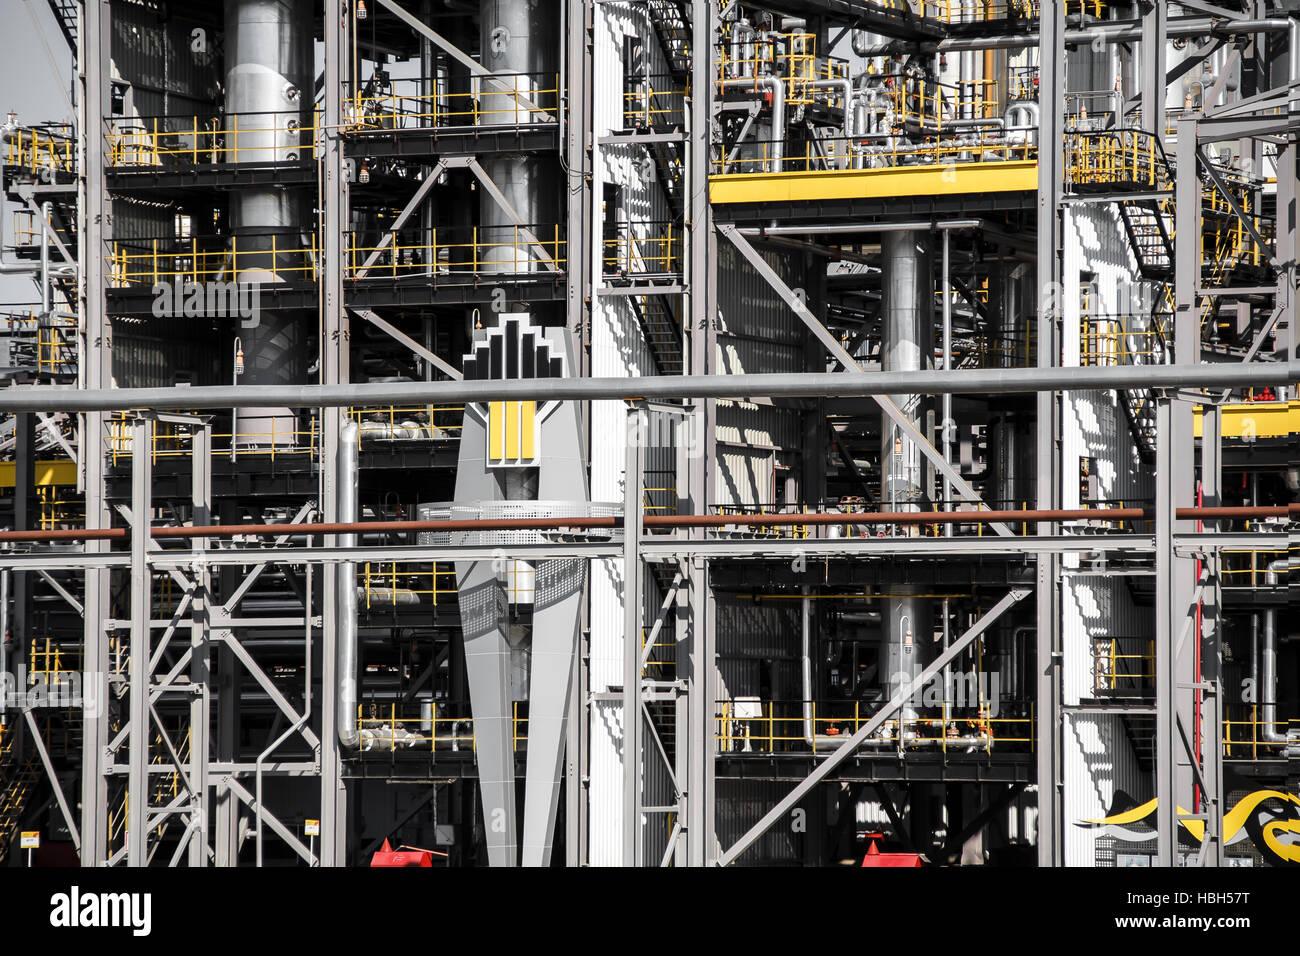 oil petrolium manufacturing industrial plant - Stock Image